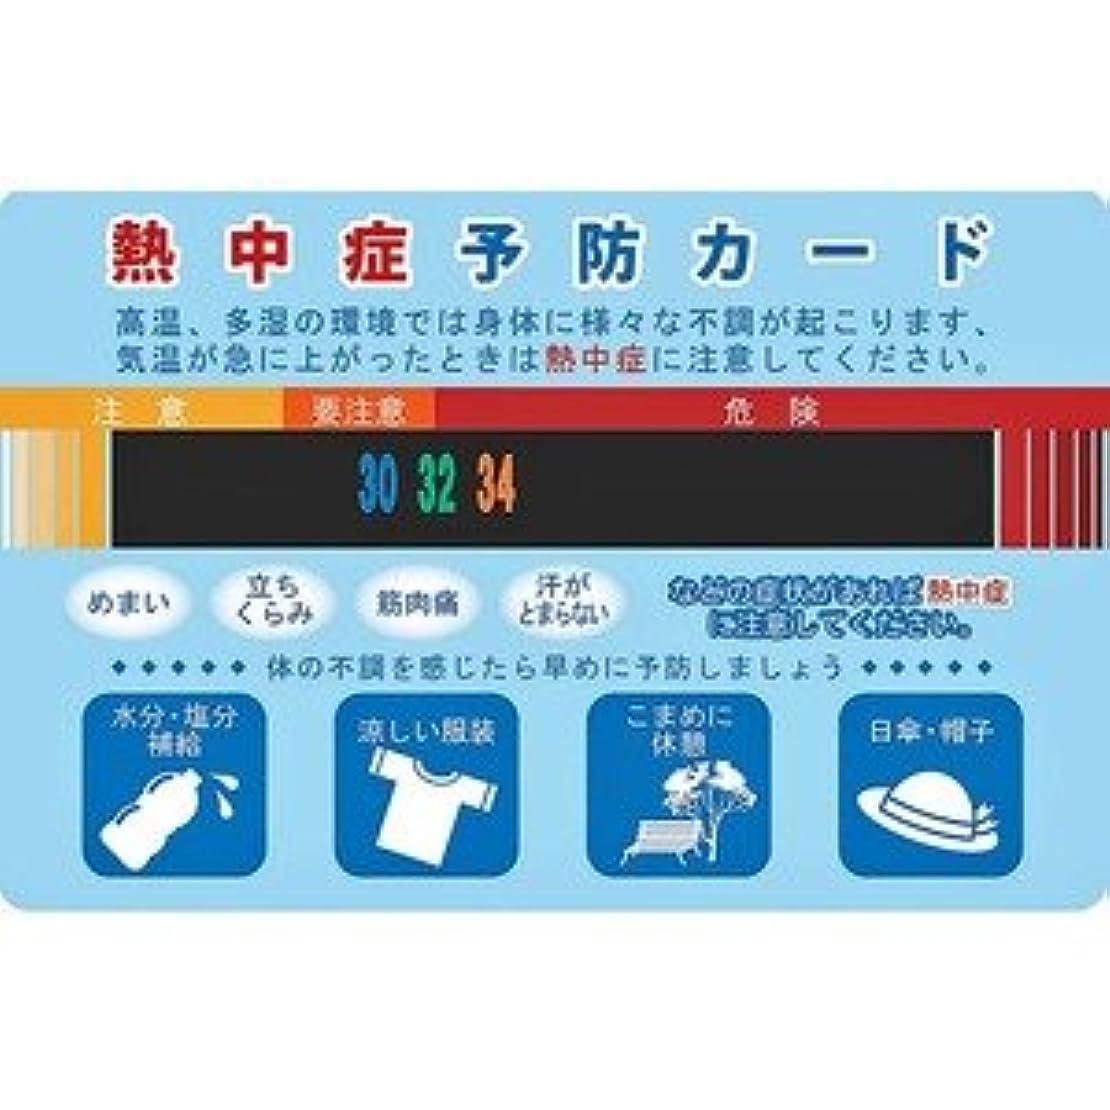 あさり受け皿熱中症予防カード?NE1 【100枚セット】 熱中症対策